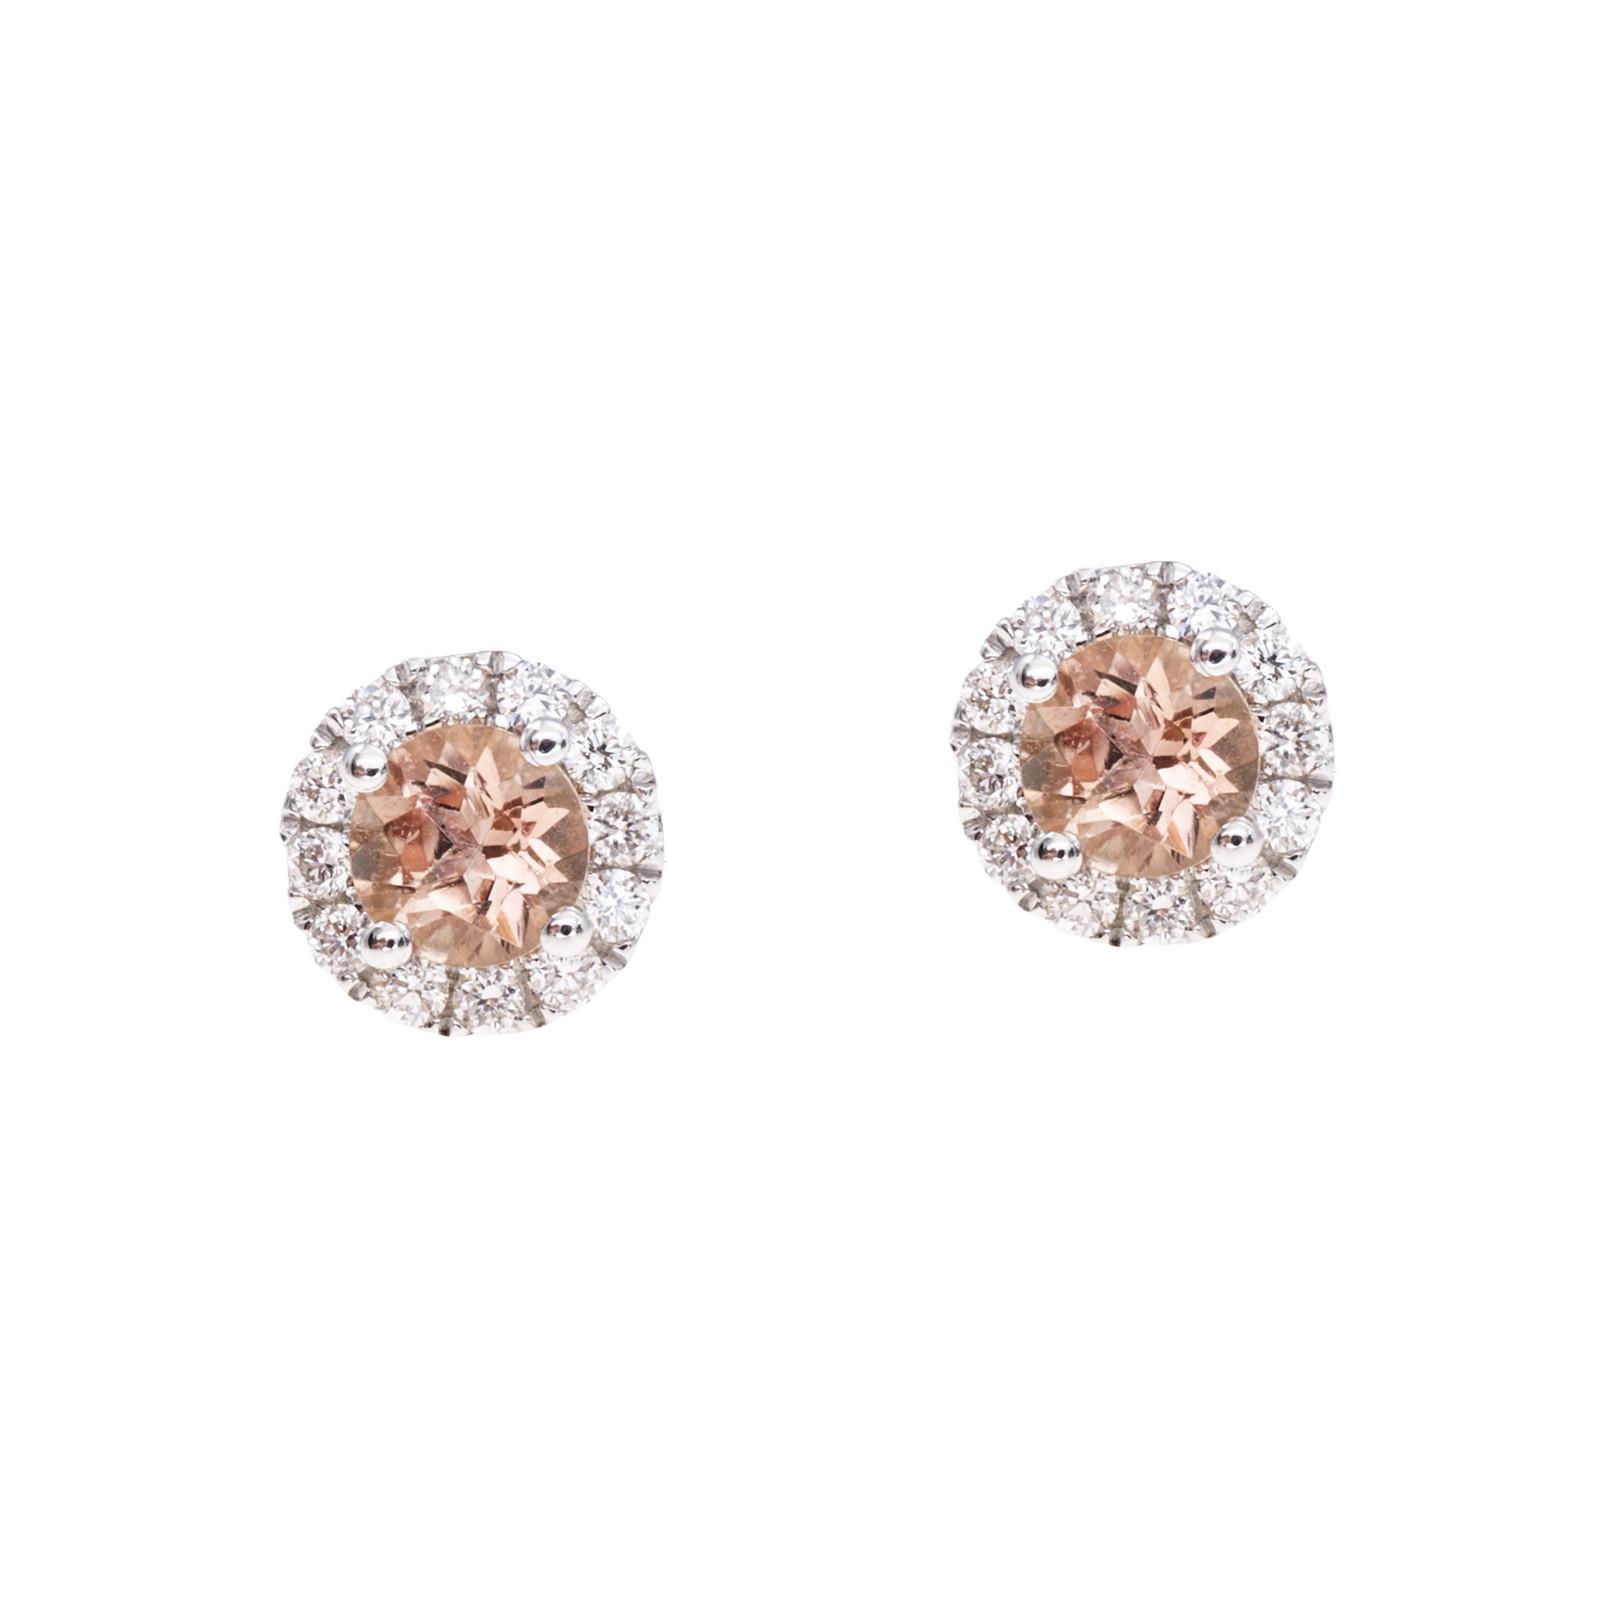 New 0.65 CTW Golden Topaz & Diamond Stud Earrings